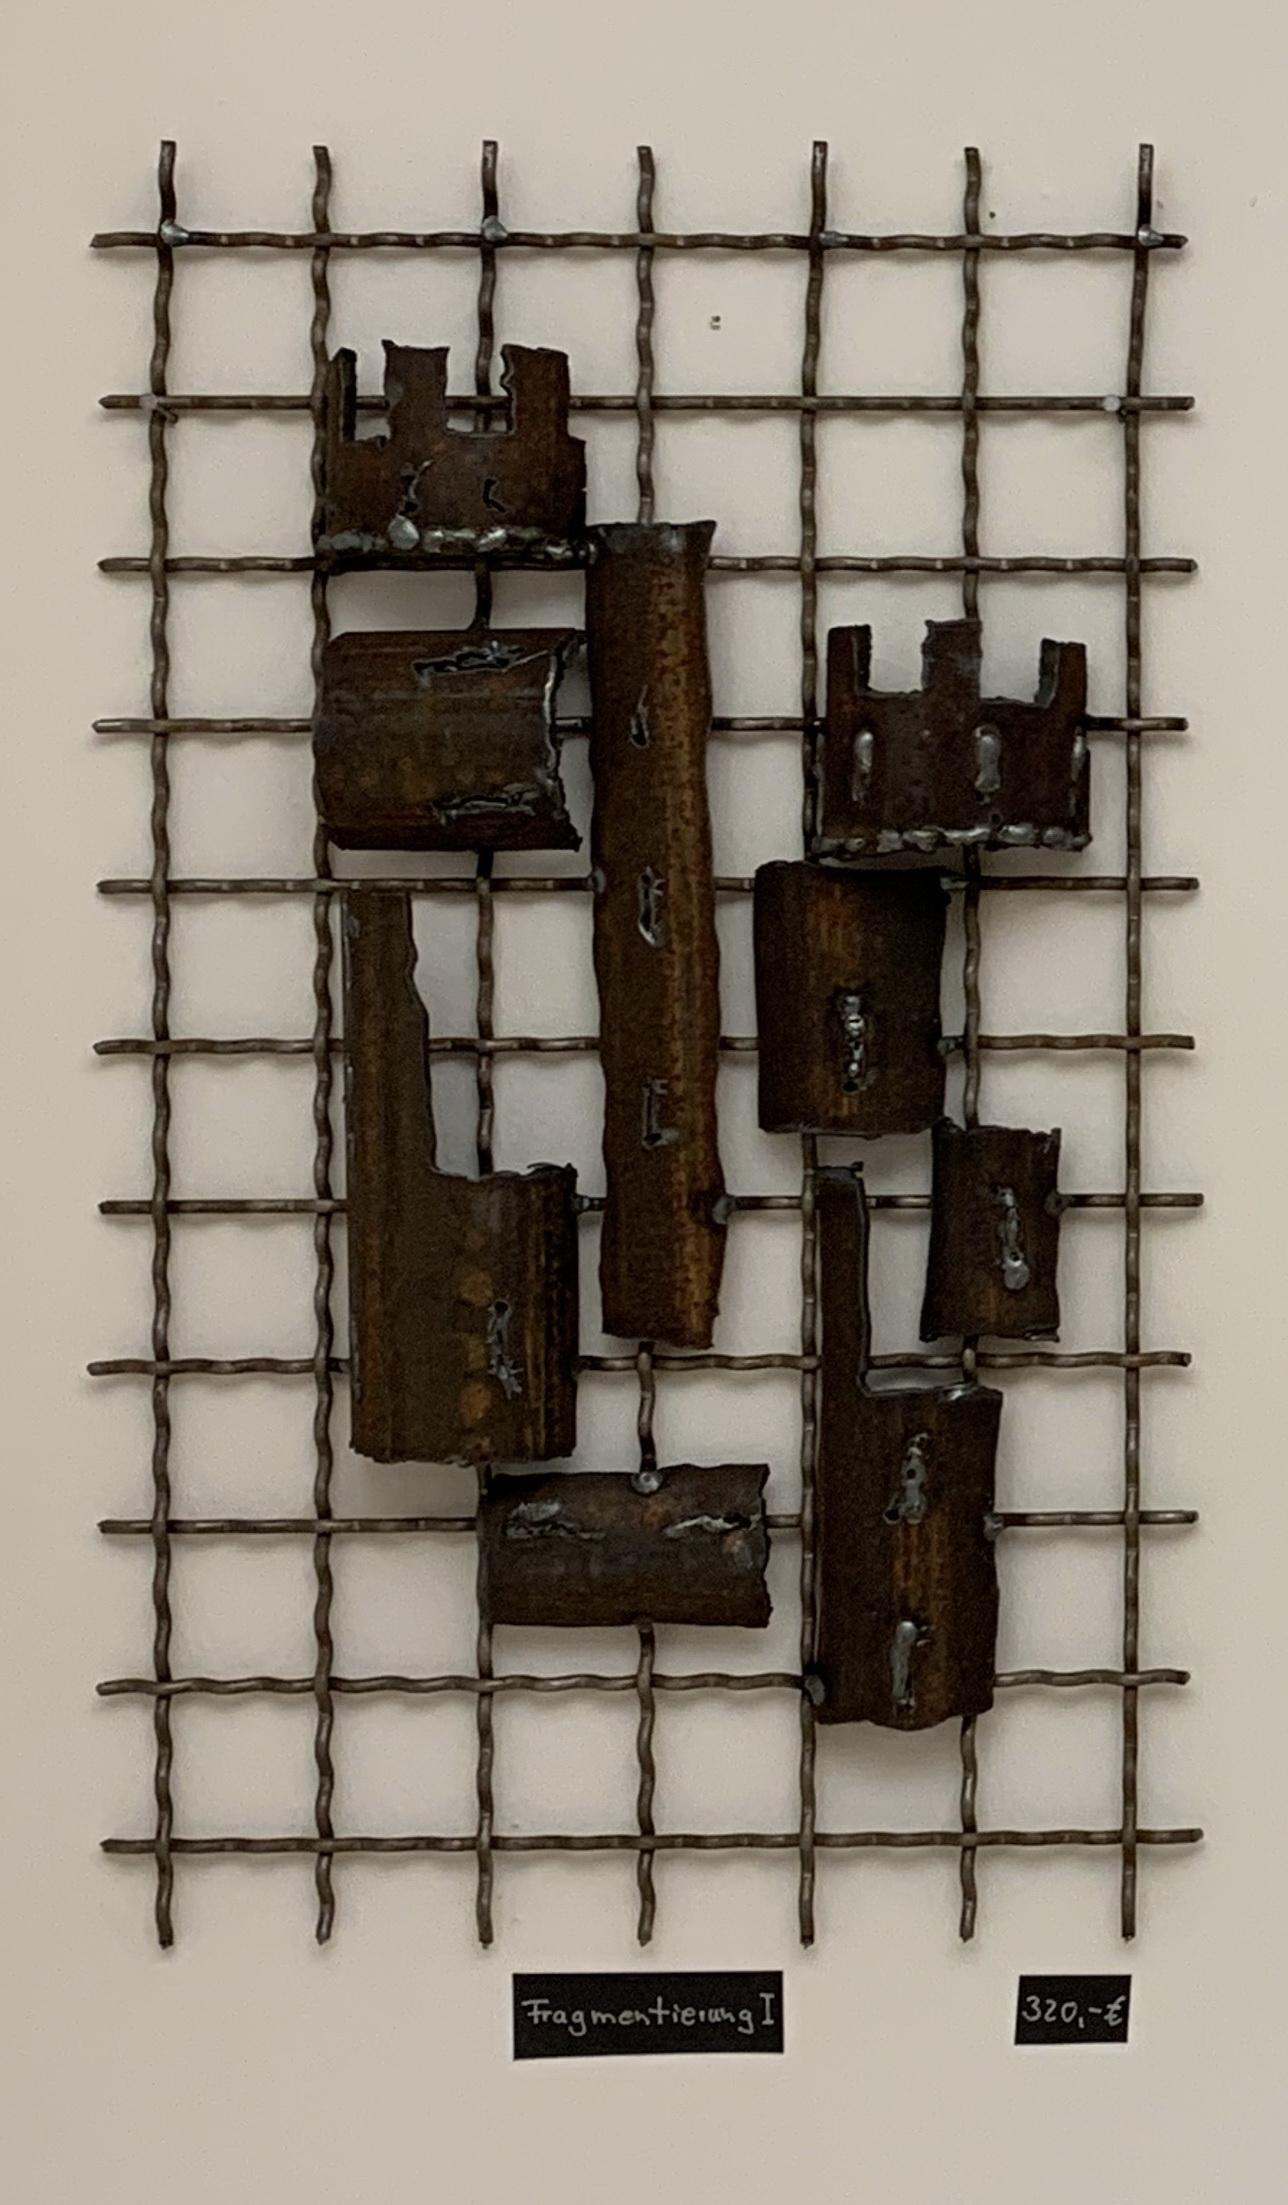 Diana Hessenthaler: Fragmentierung eines Turms I